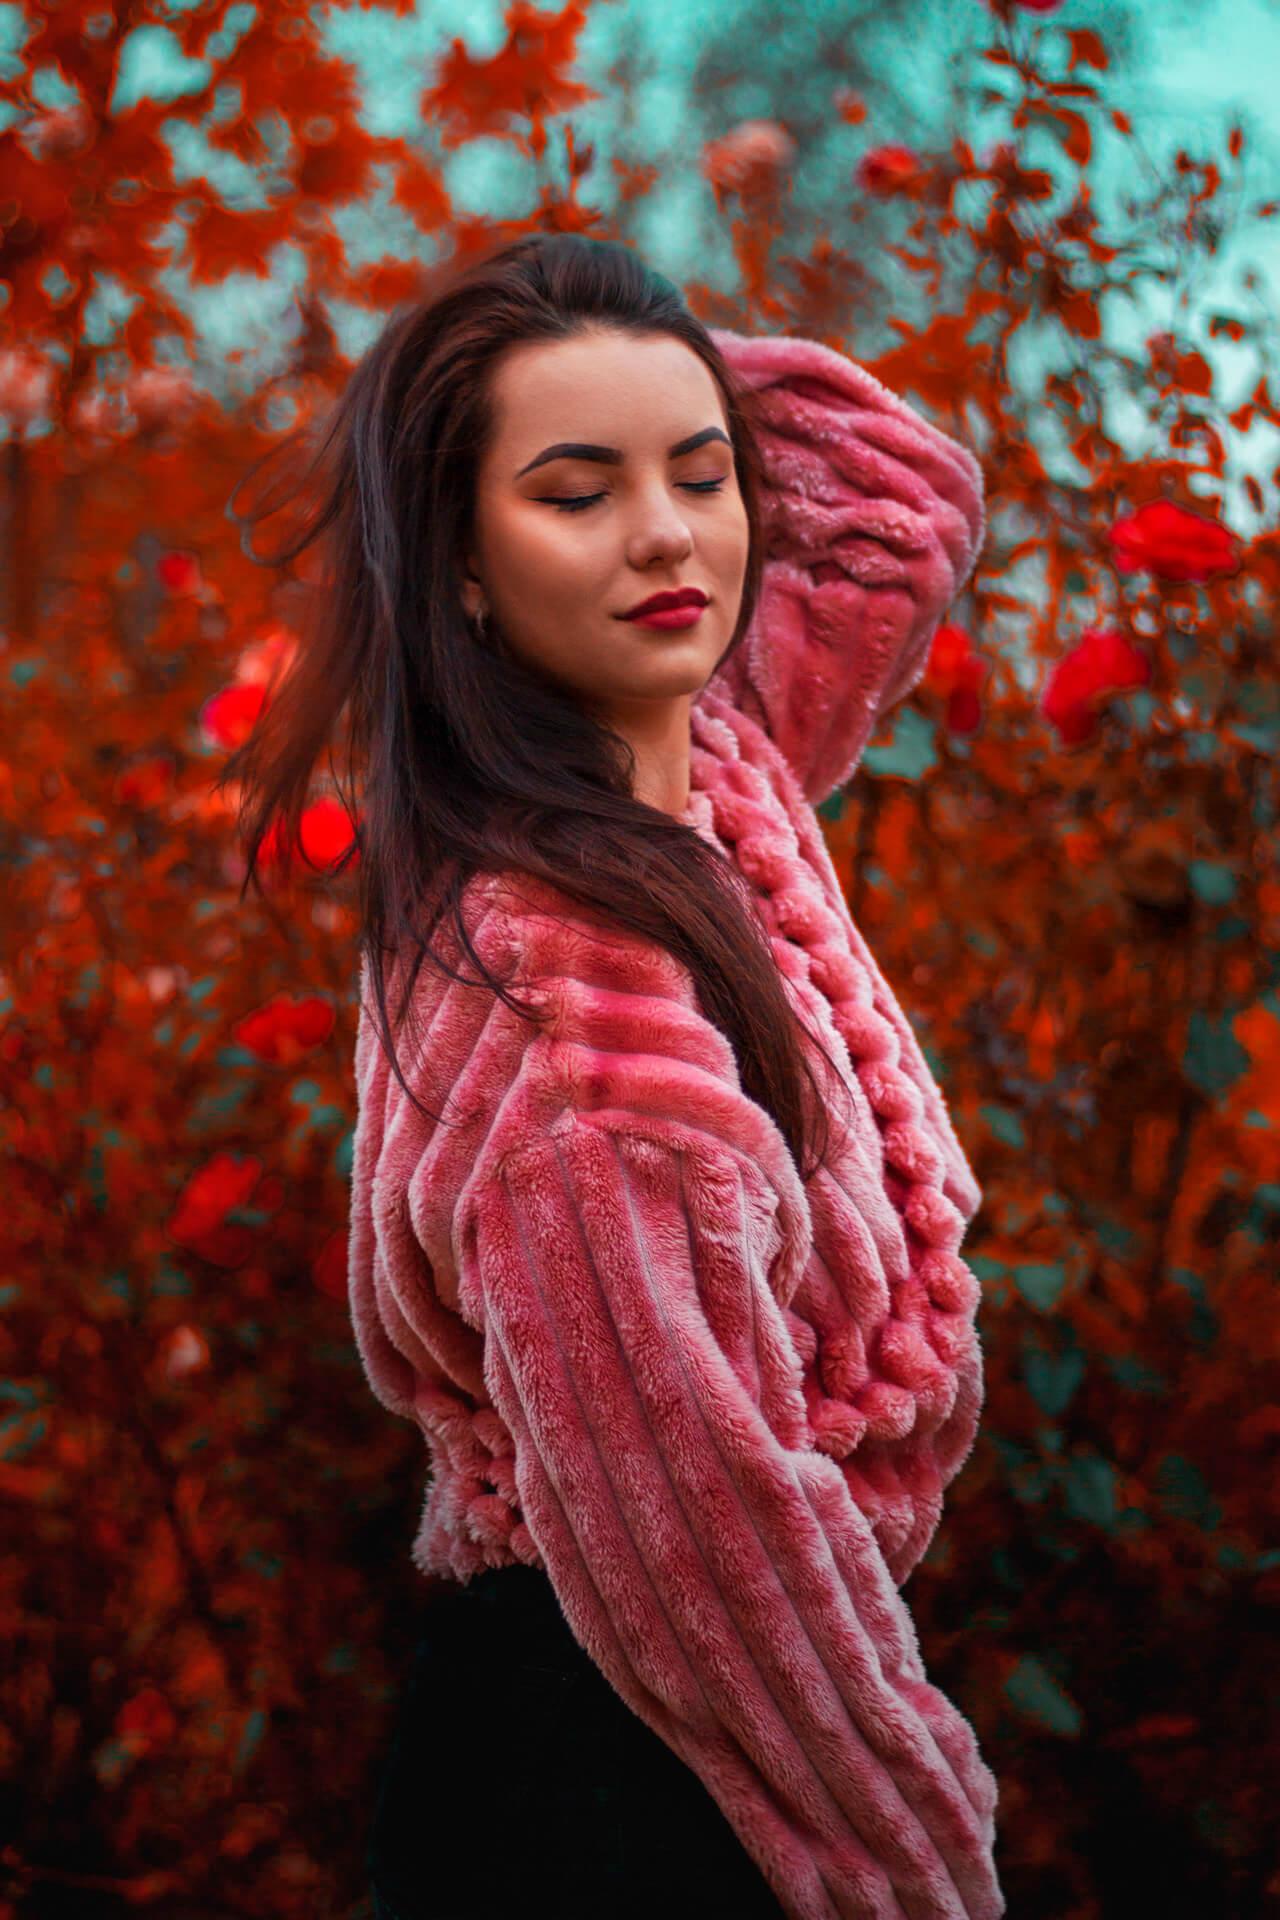 Fotografia Portrétu Nové Zámky - Kitti Photo